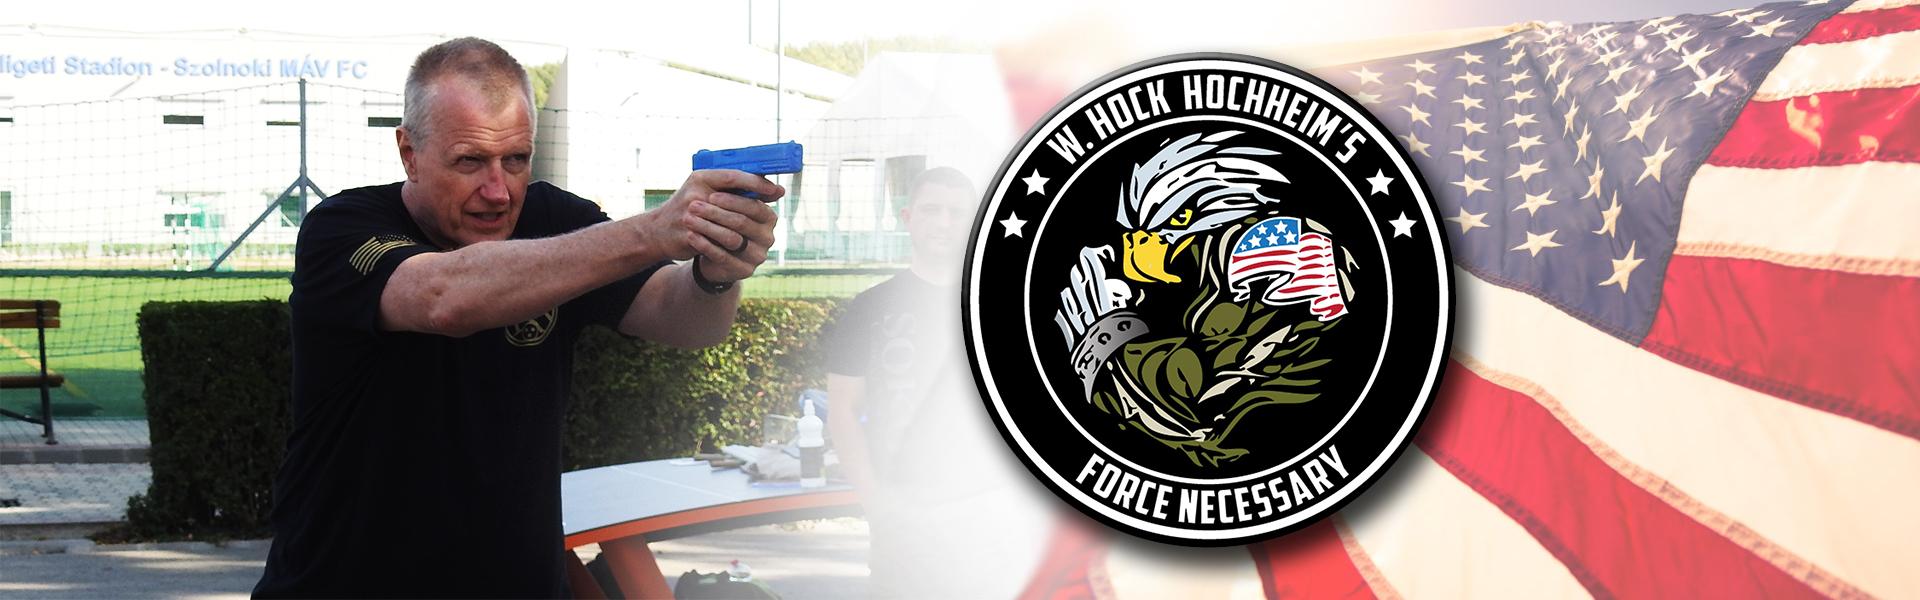 """Walter """"Hock"""" Hochheim szemináriuma 2019. október 4-6-án Szolnokon"""